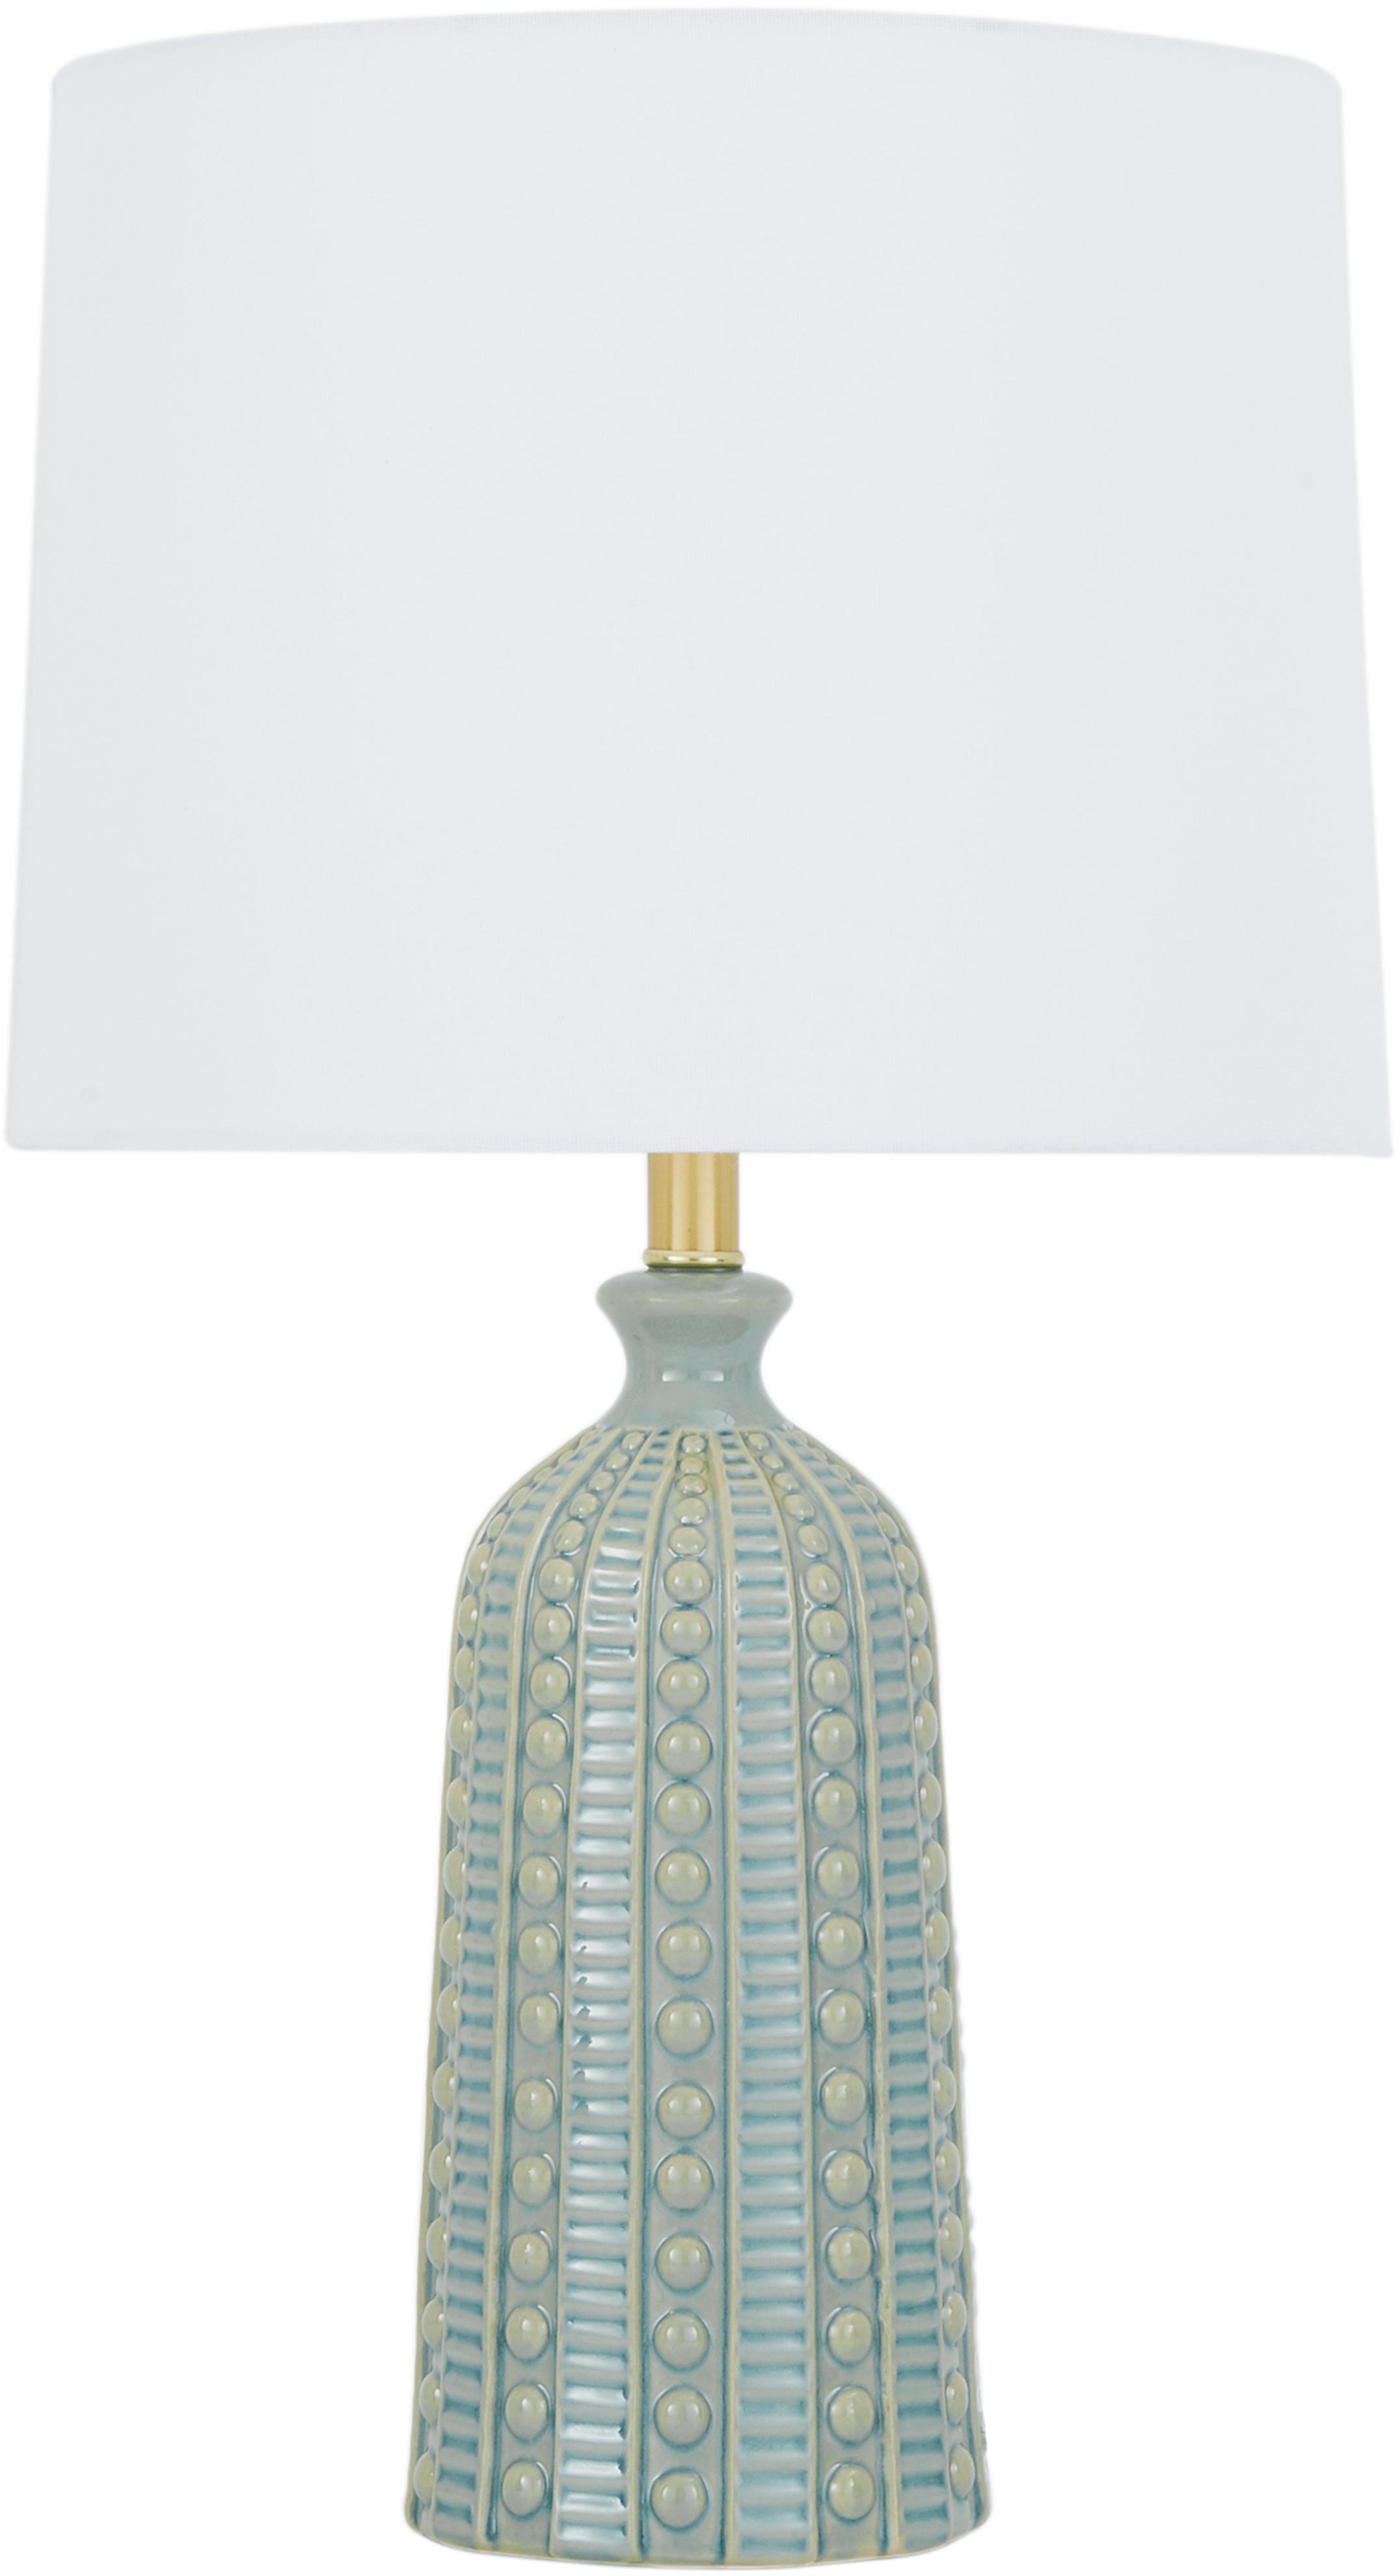 Lampada da tavolo Nizza, Paralume: tessuto, Base della lampada: ceramica, metallo ottonat, Verde salvia, Ø 35 x Alt. 60 cm